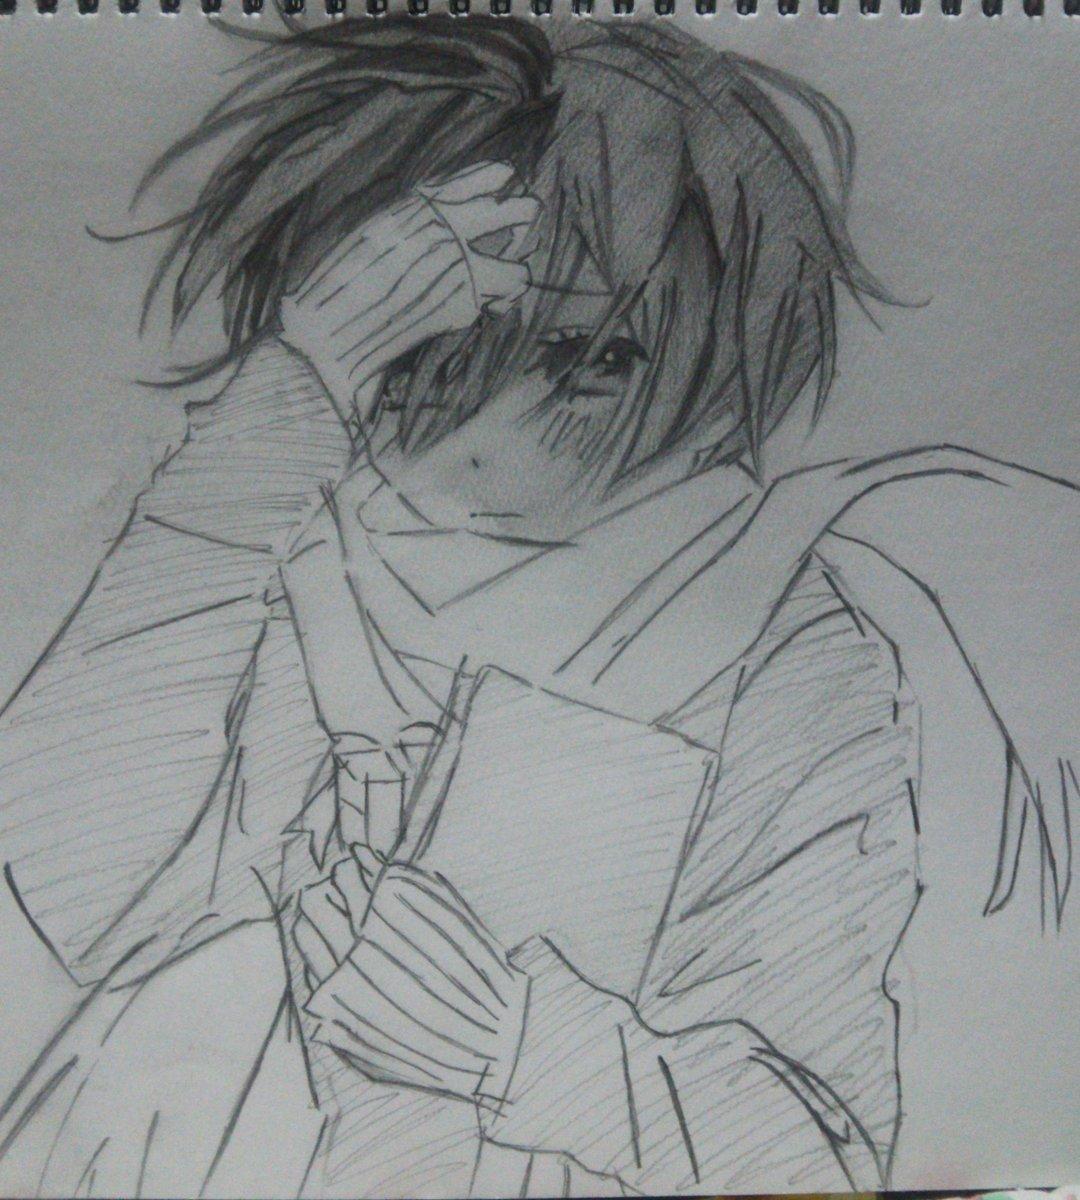 久しぶりに描けたぁぁぁ!!「僕らはみんな河合荘」の河合律ちゃん!可愛い◝(⑅•ᴗ•⑅)◜..°♡鉛筆模写も久しぶり。#絵